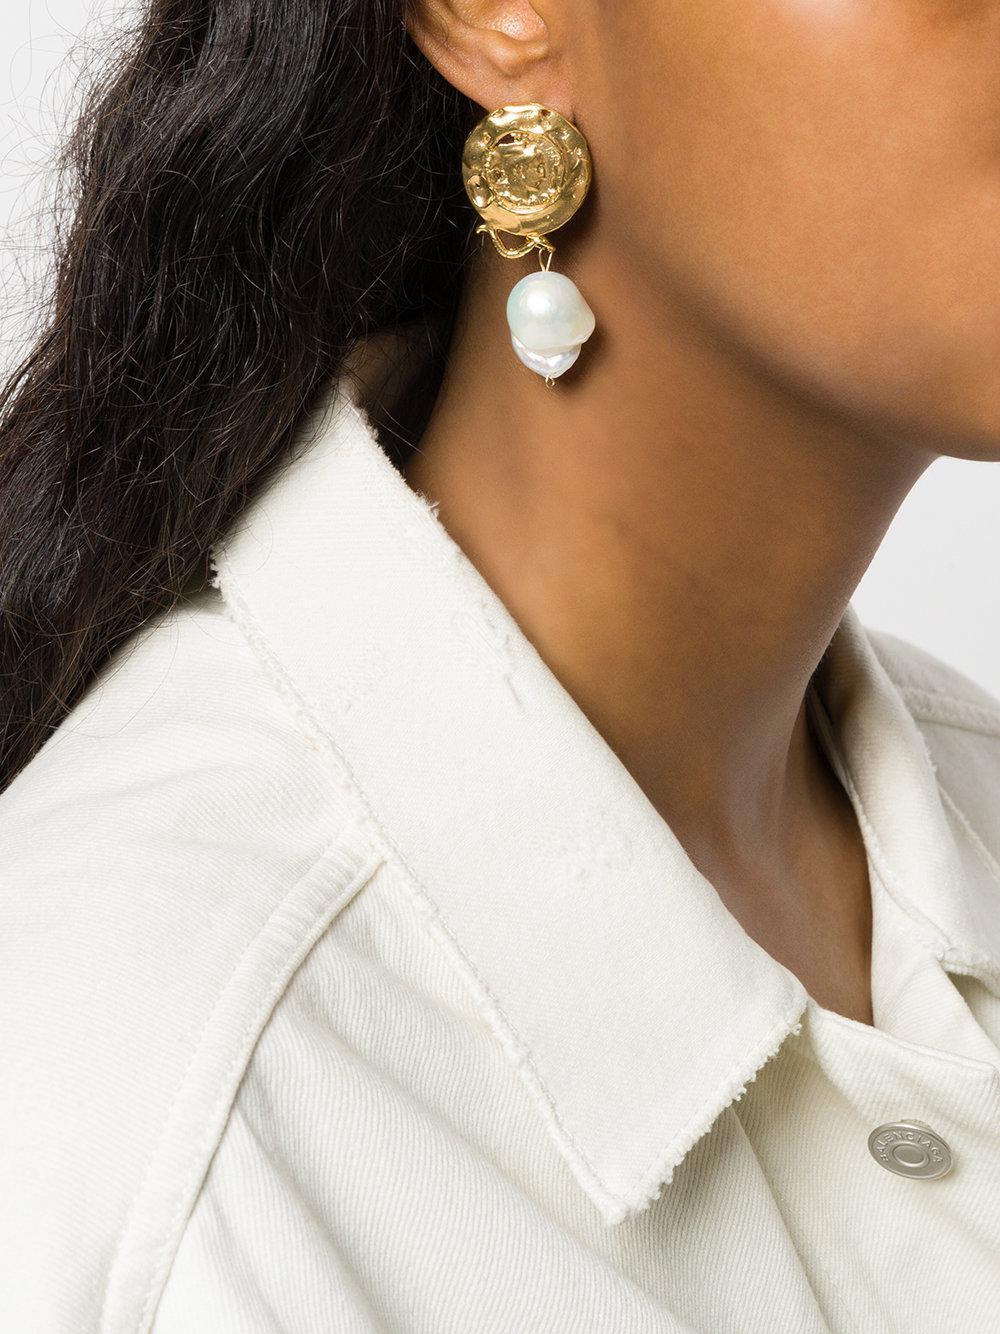 ALIGHIERI La Passione Di Napoli earrings - Metallic uBUwJkZyF